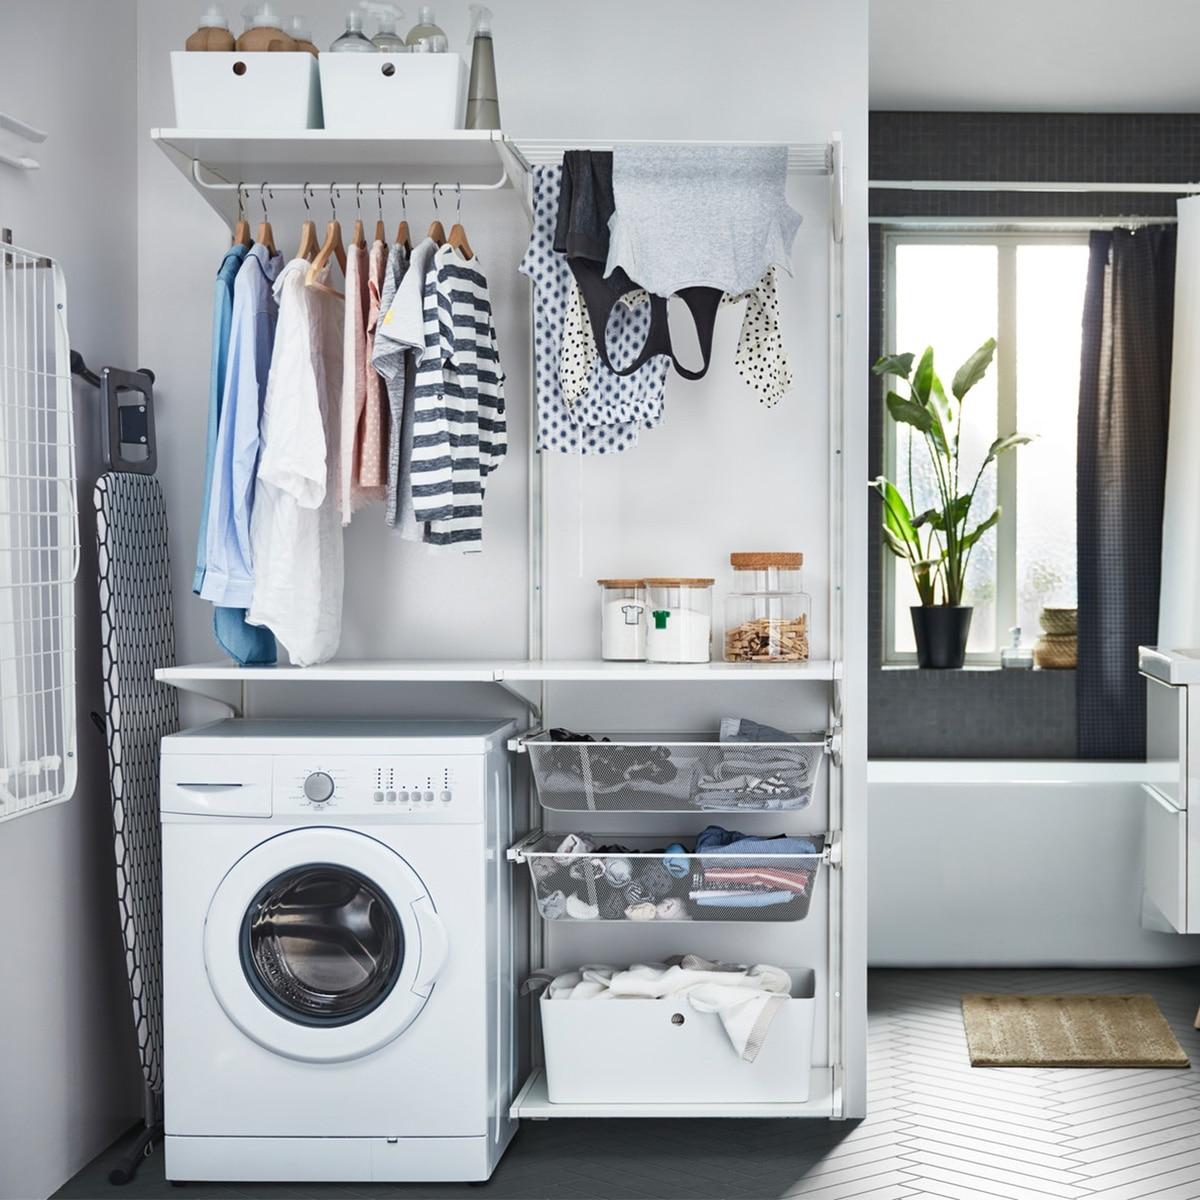 Das IKEA ALGOT Sortiment bietet u. a. eine Kombination aus ALGOT Wandschienen/Böden/Wäschehalter, die sich mit KUGGIS Boxen aus Kunststoff um die Waschmaschine herum arrangieren lässt.